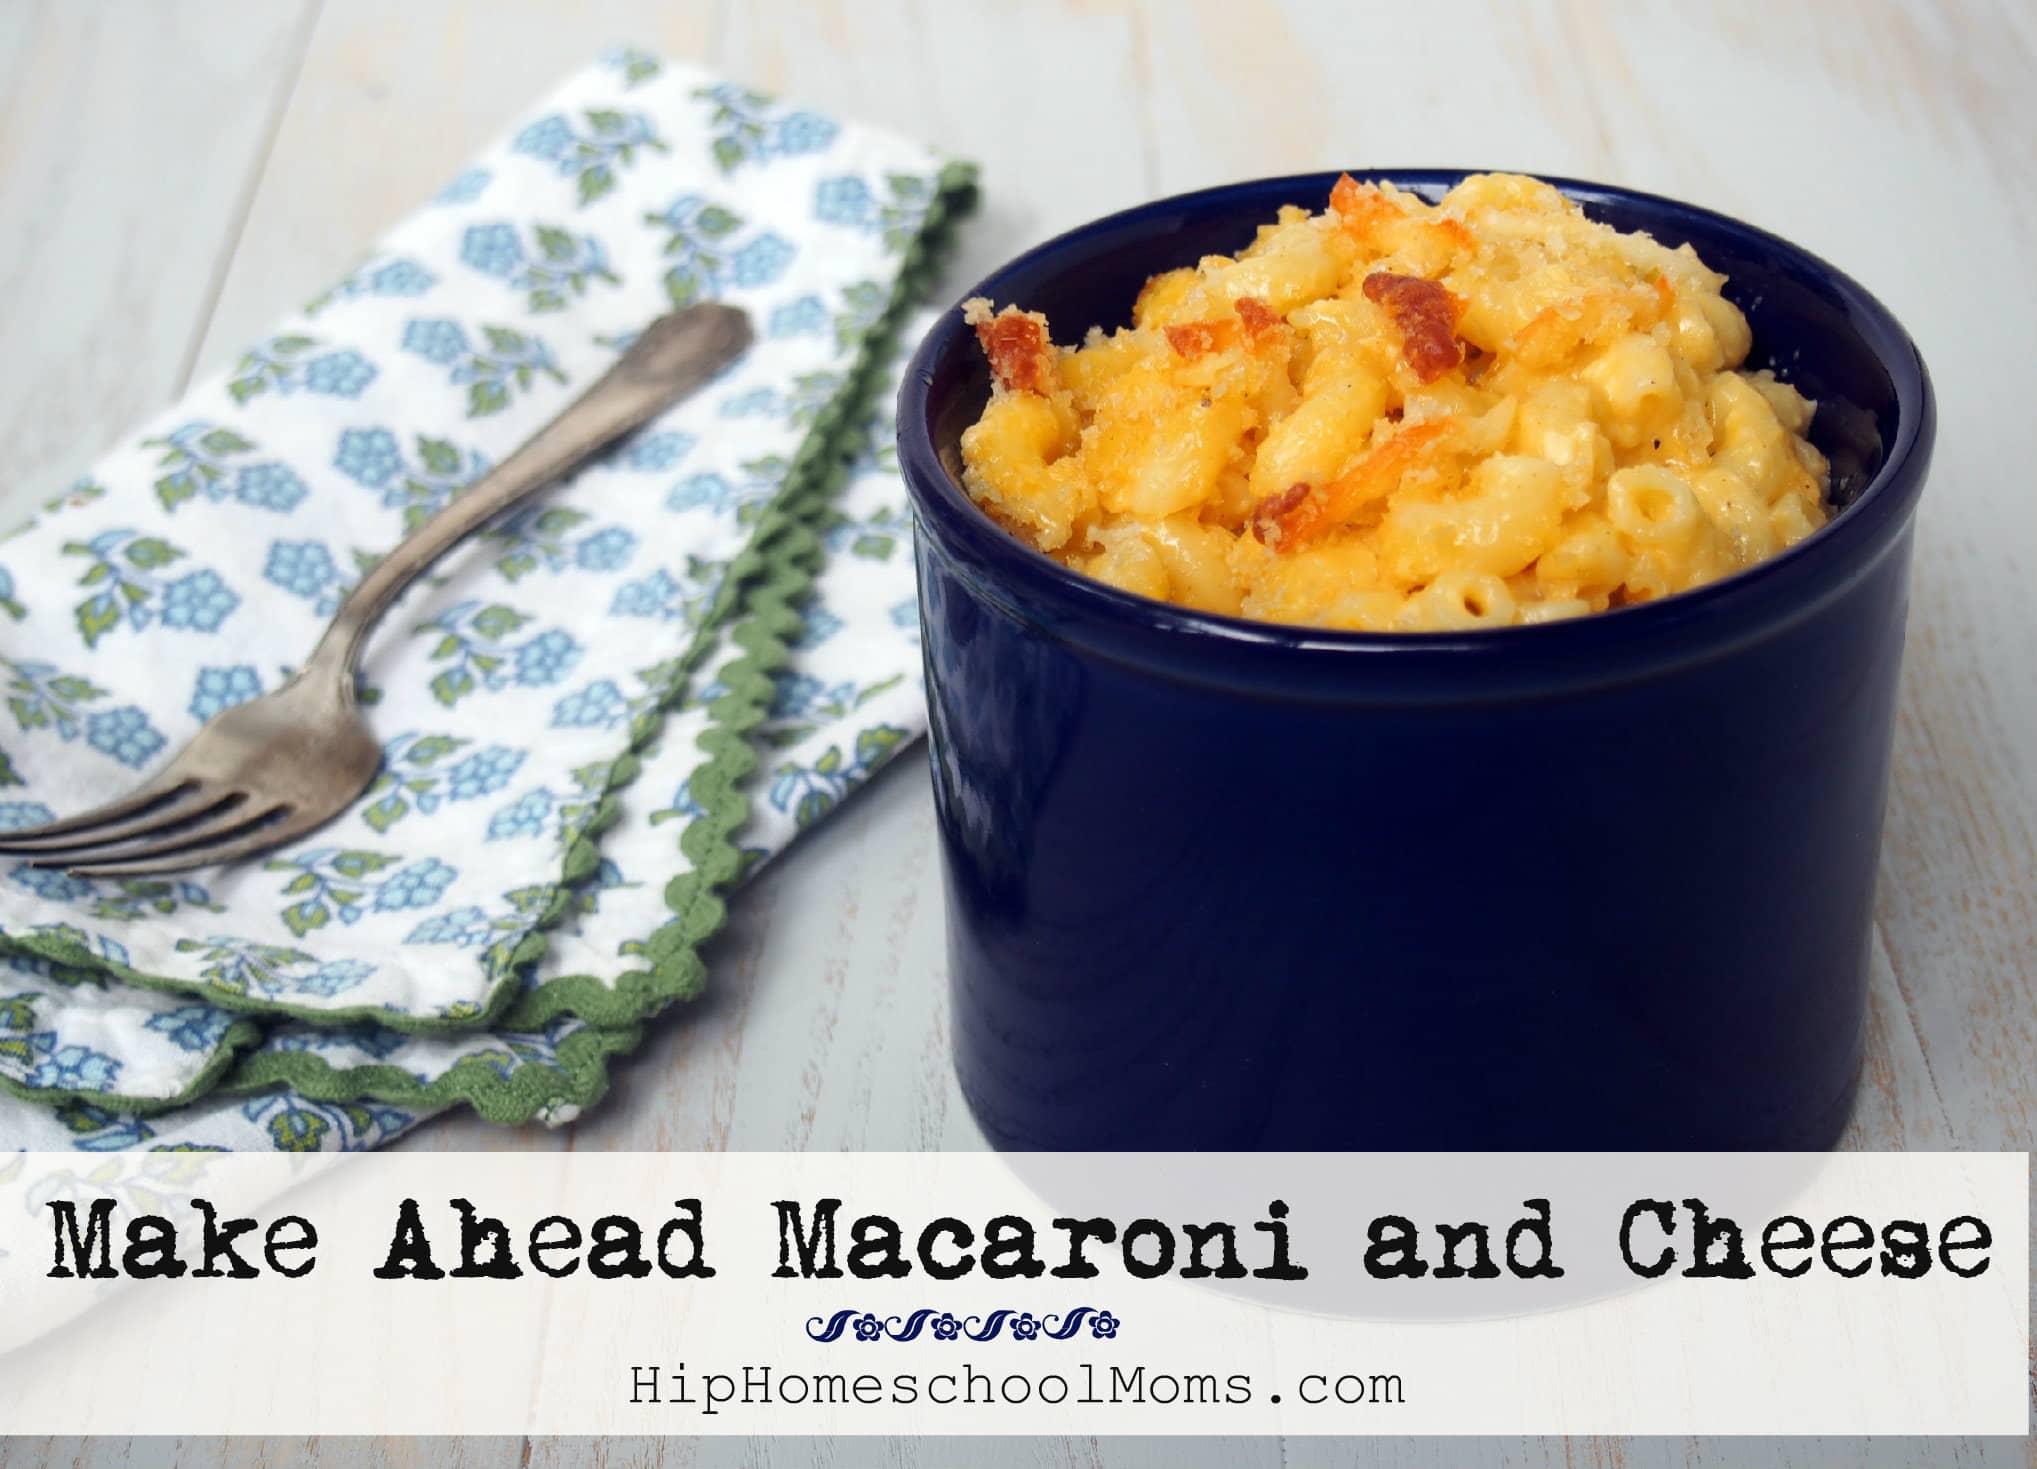 Make Ahead Macaroni and Cheese Recipe